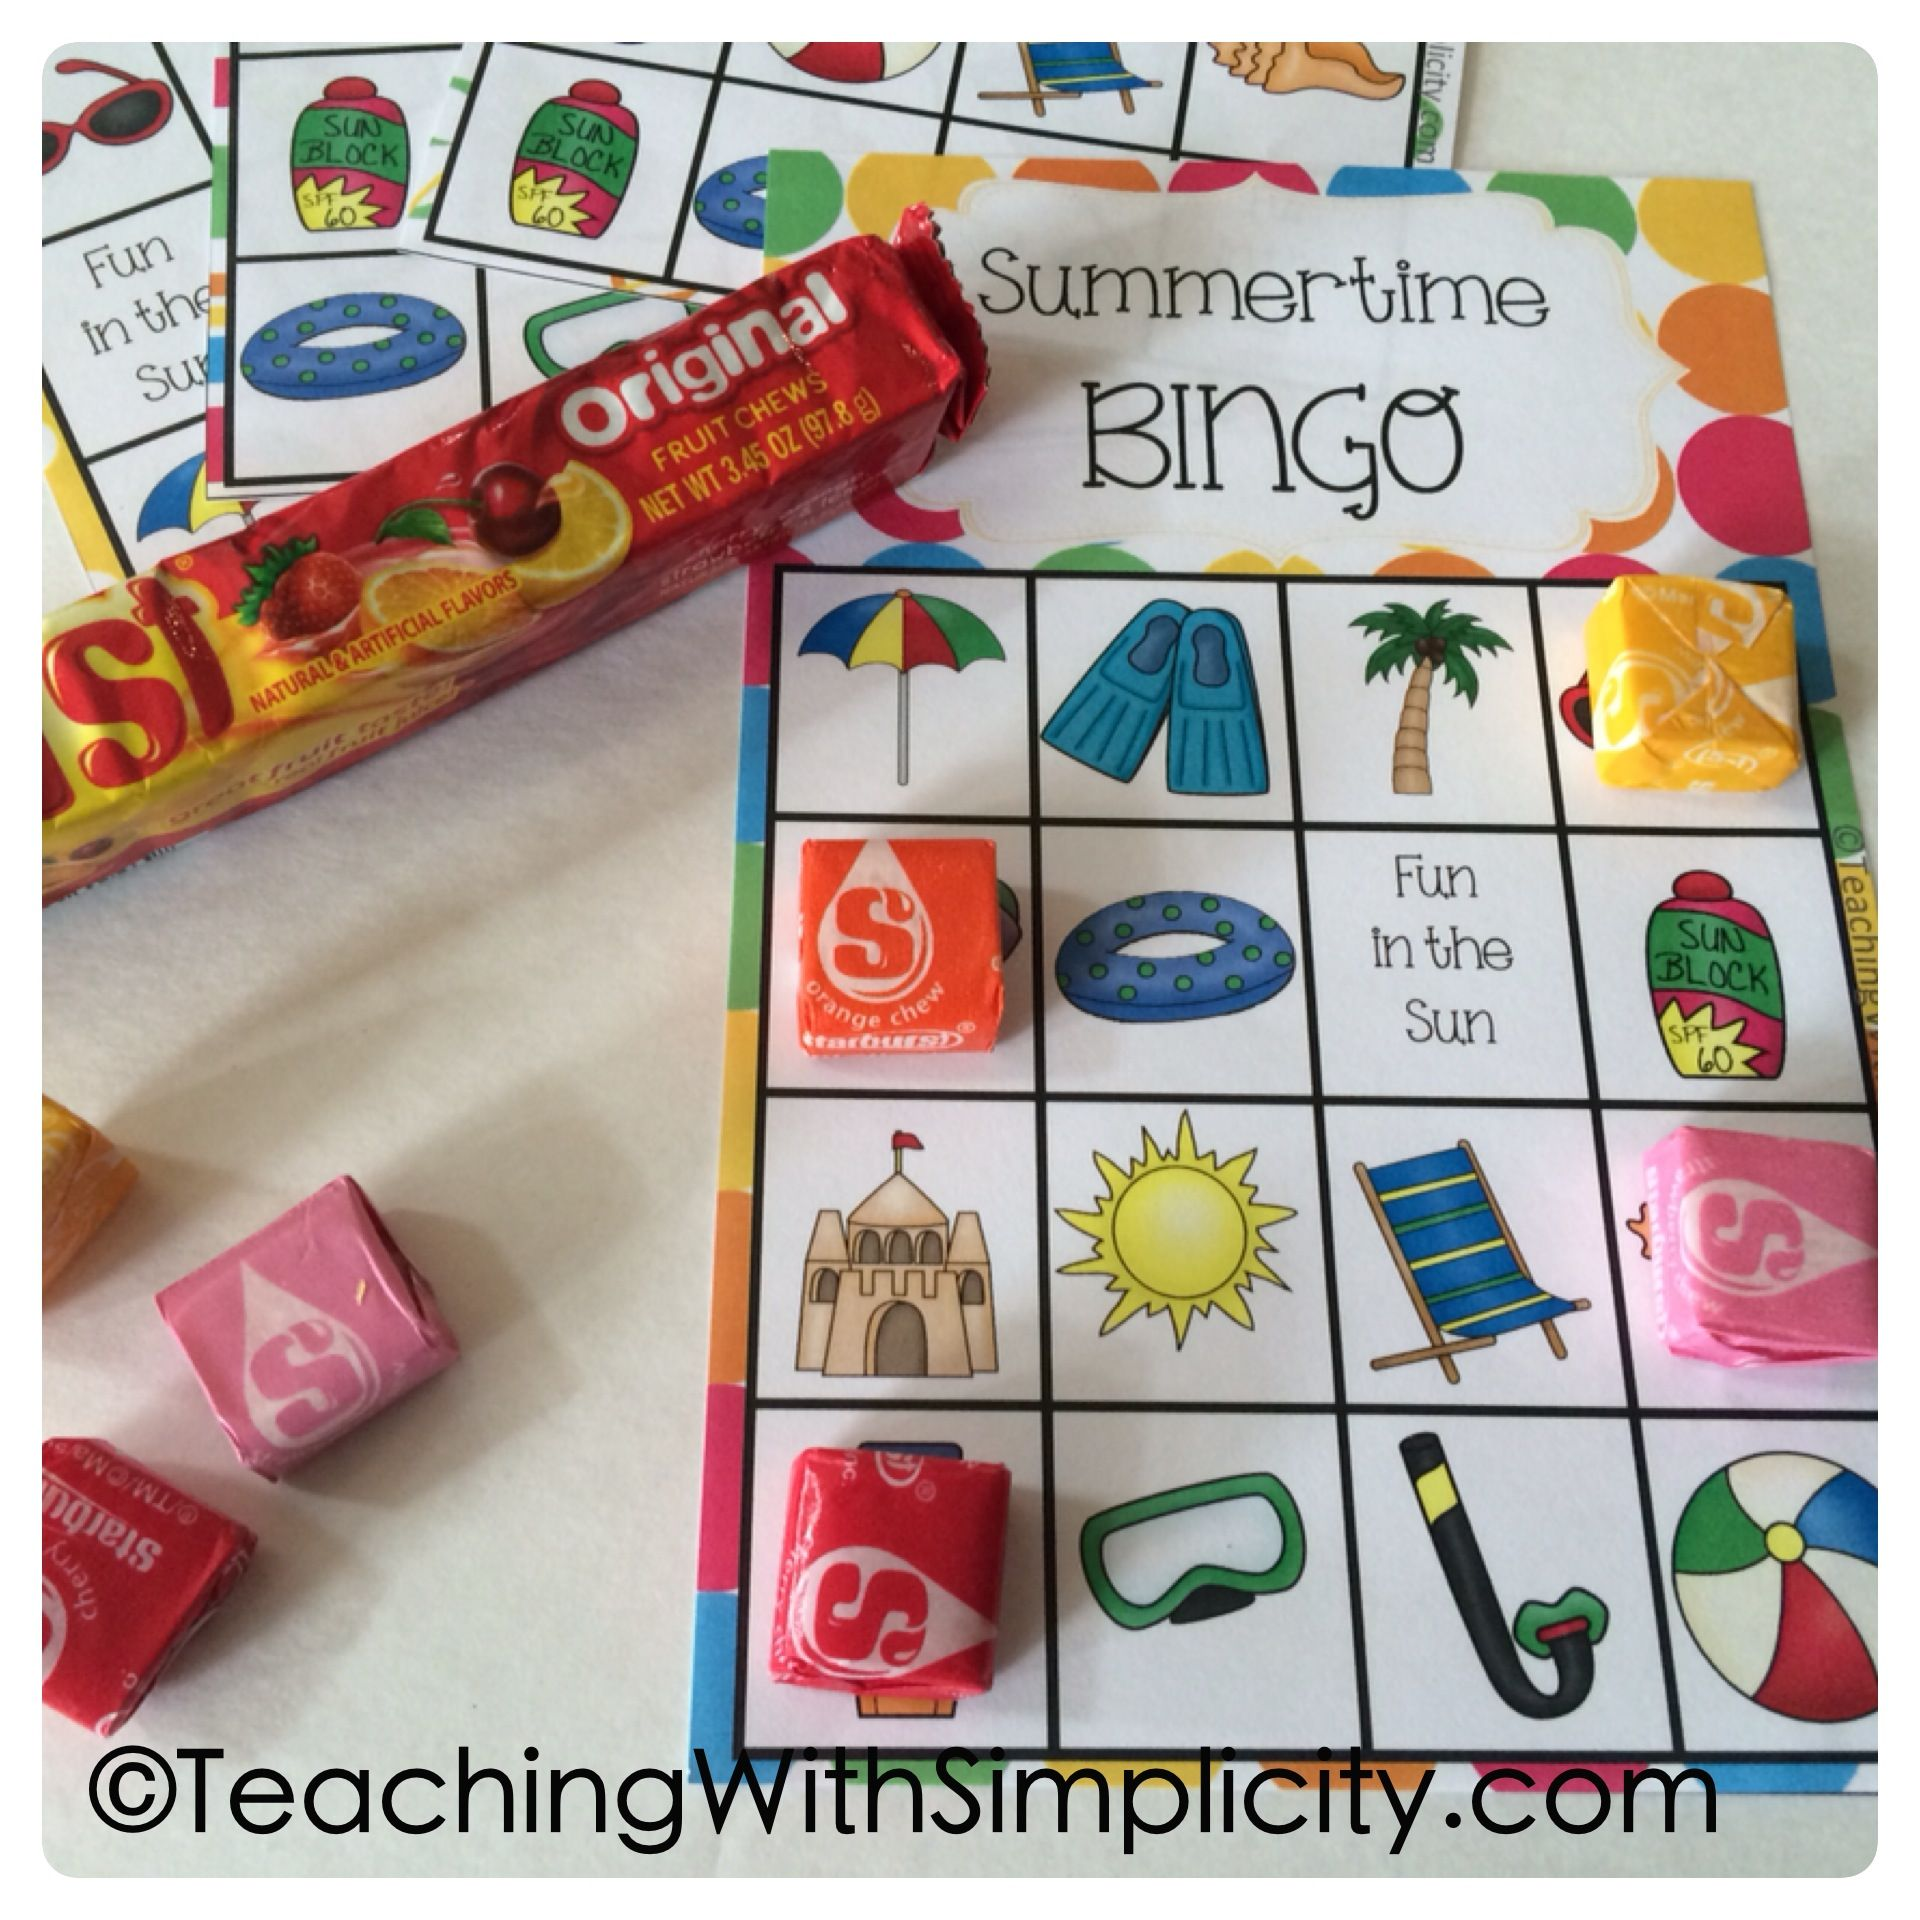 Summertime Bingo